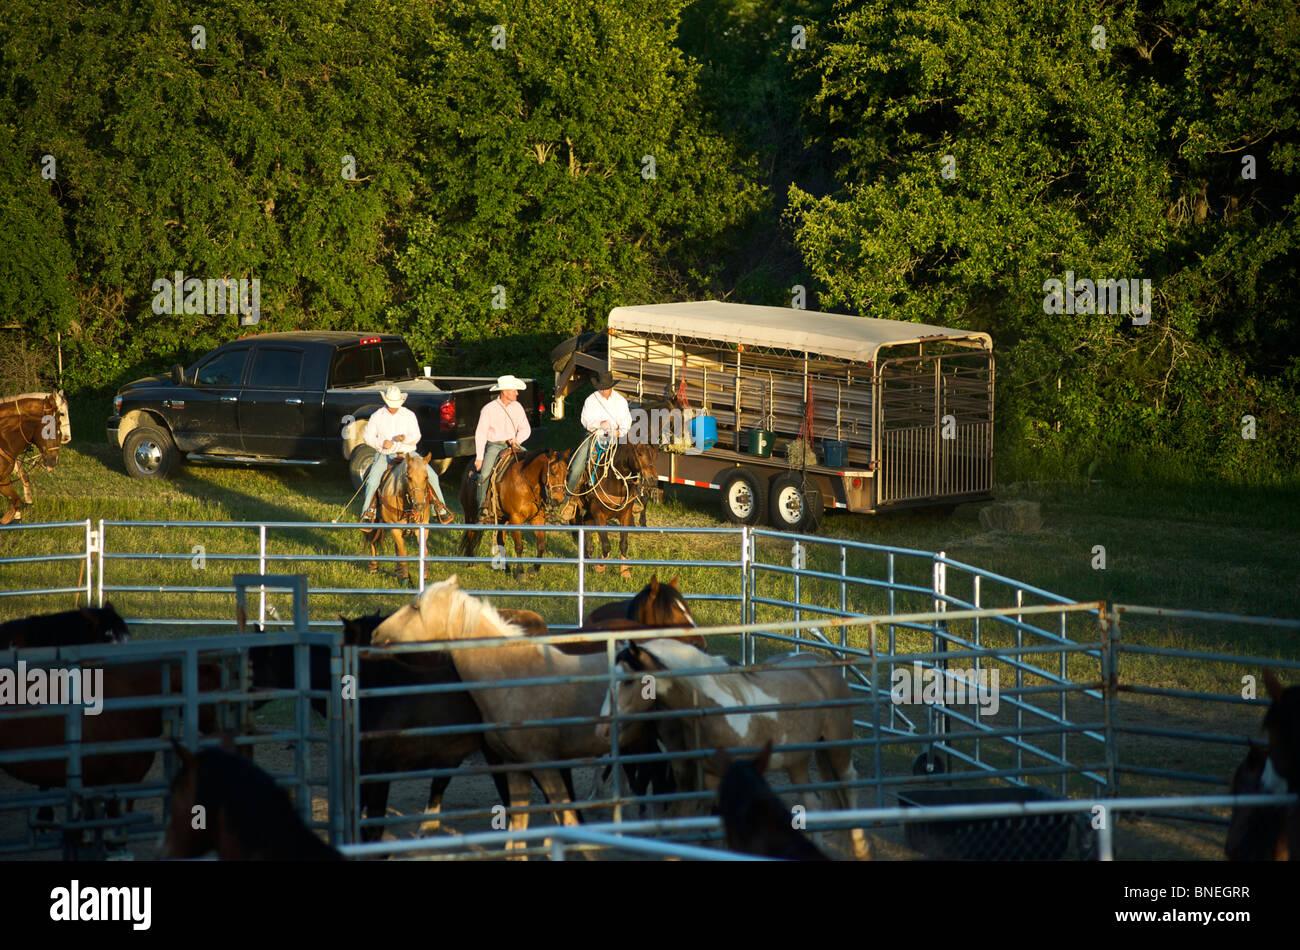 Les membres de l'érythroblastopénie Cowboy riding horses backstage rodeo au cas de Bridgeport, Connecticut, USA Banque D'Images